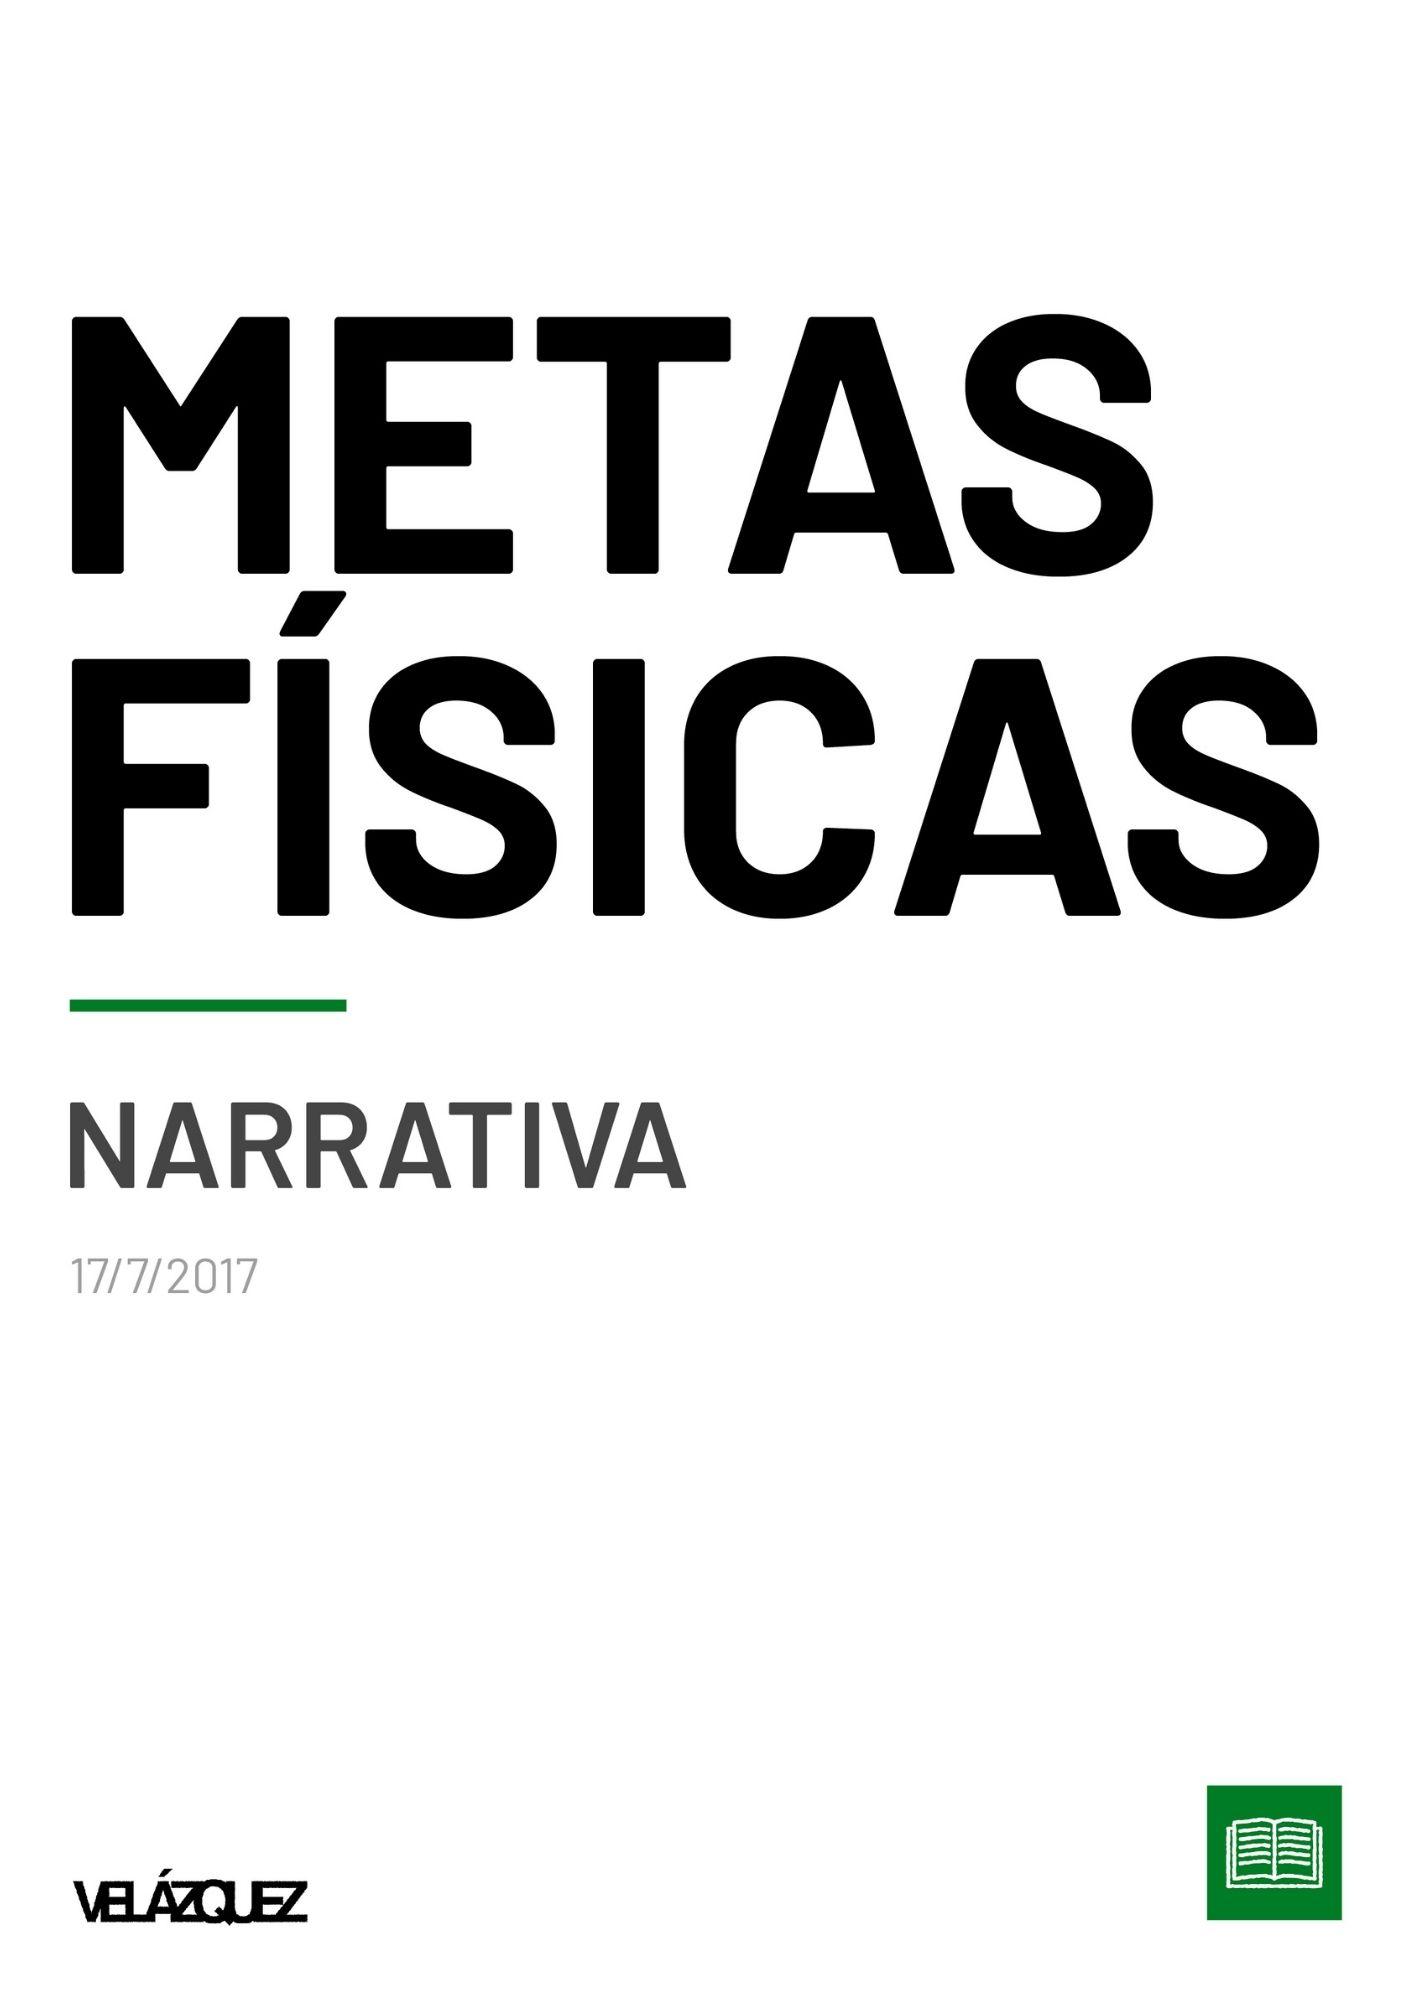 Metas físicas - Narrativa - Fabri Velázquez